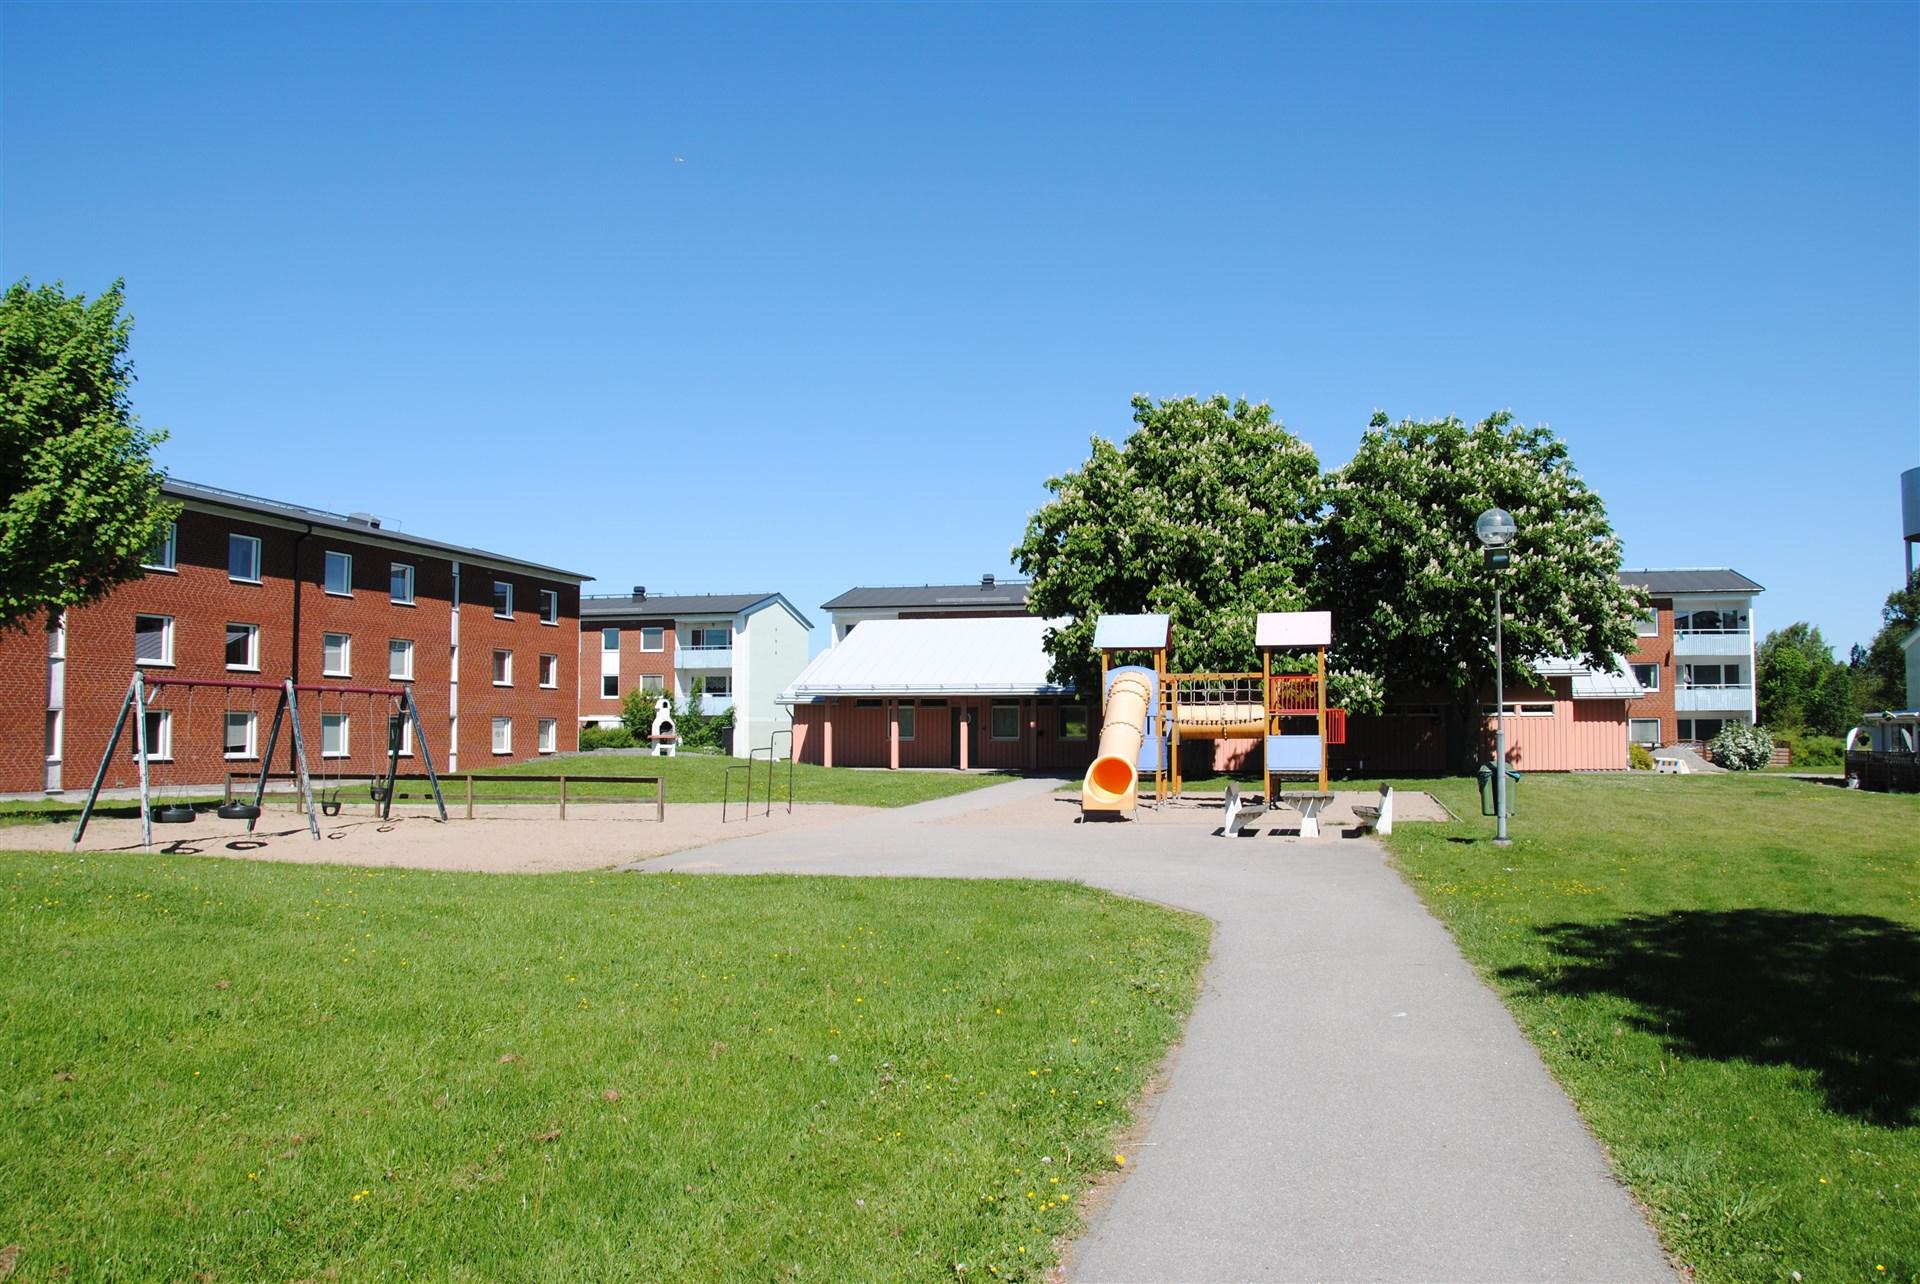 En av innergårdarna (arkivbild)